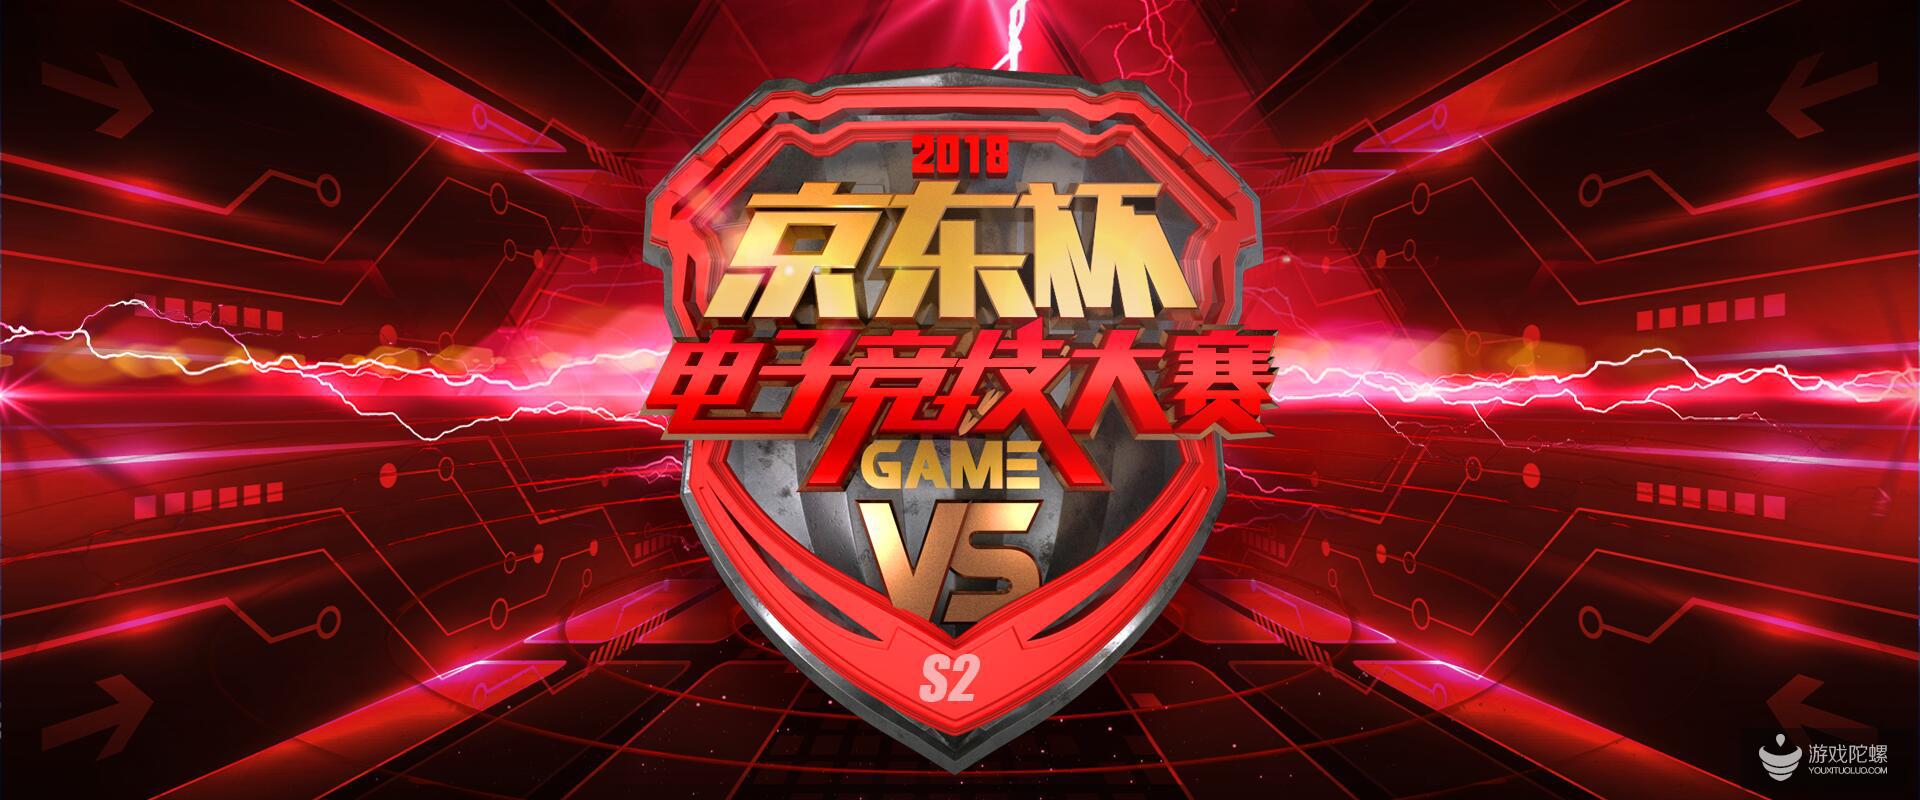 职业舞台与全民电竞双阵齐战,京东杯电子竞技大赛即将启幕!